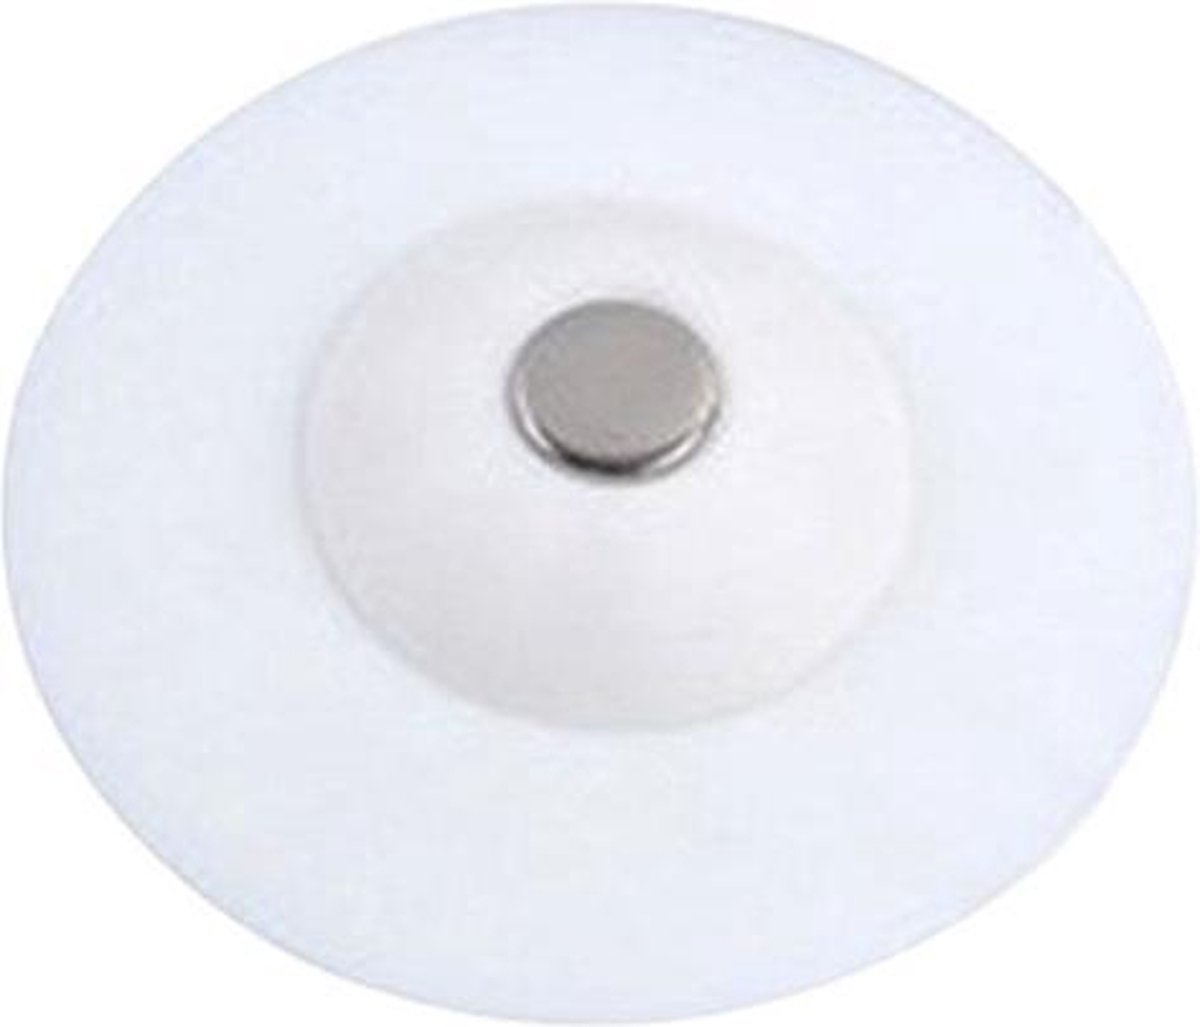 Afvoerstop - Gootsteen zeef - Wit - Wasbak UFO - Water stopper - Haar vanger - Badkamer Plug - Siliconen stop - Thermo Plastic Rubber